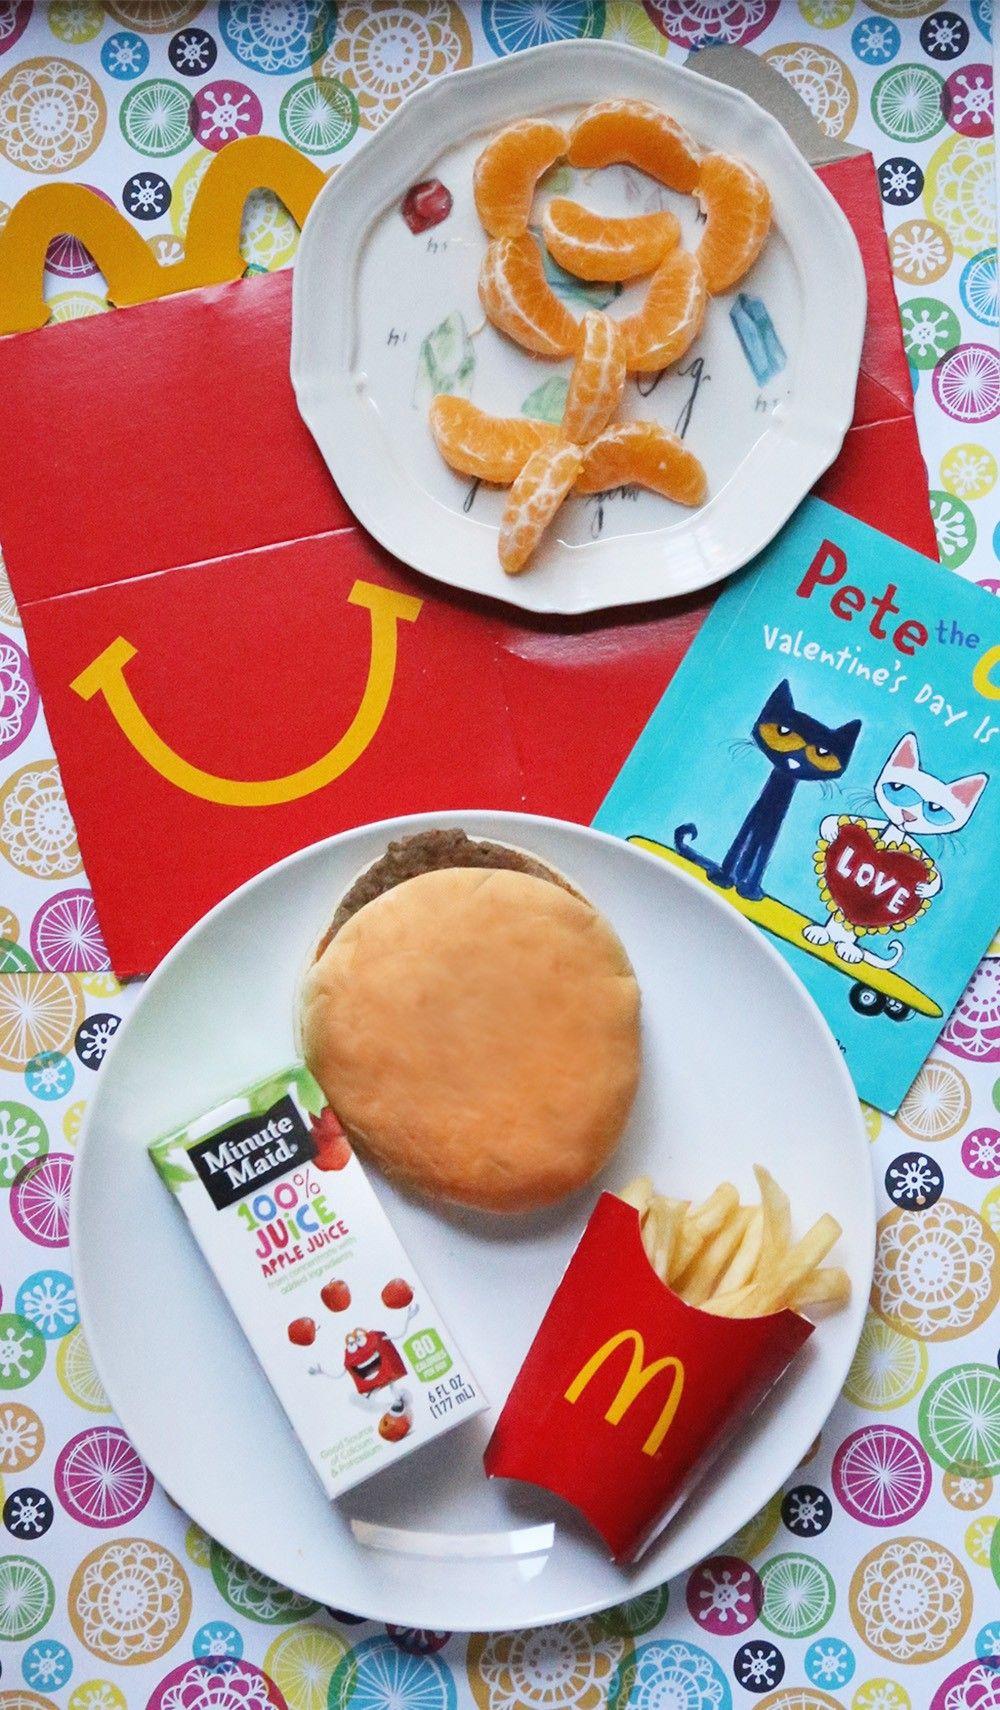 Happy Meals Mcdonalds Com Happy Meal Happy Meal Mcdonalds Kids Meals